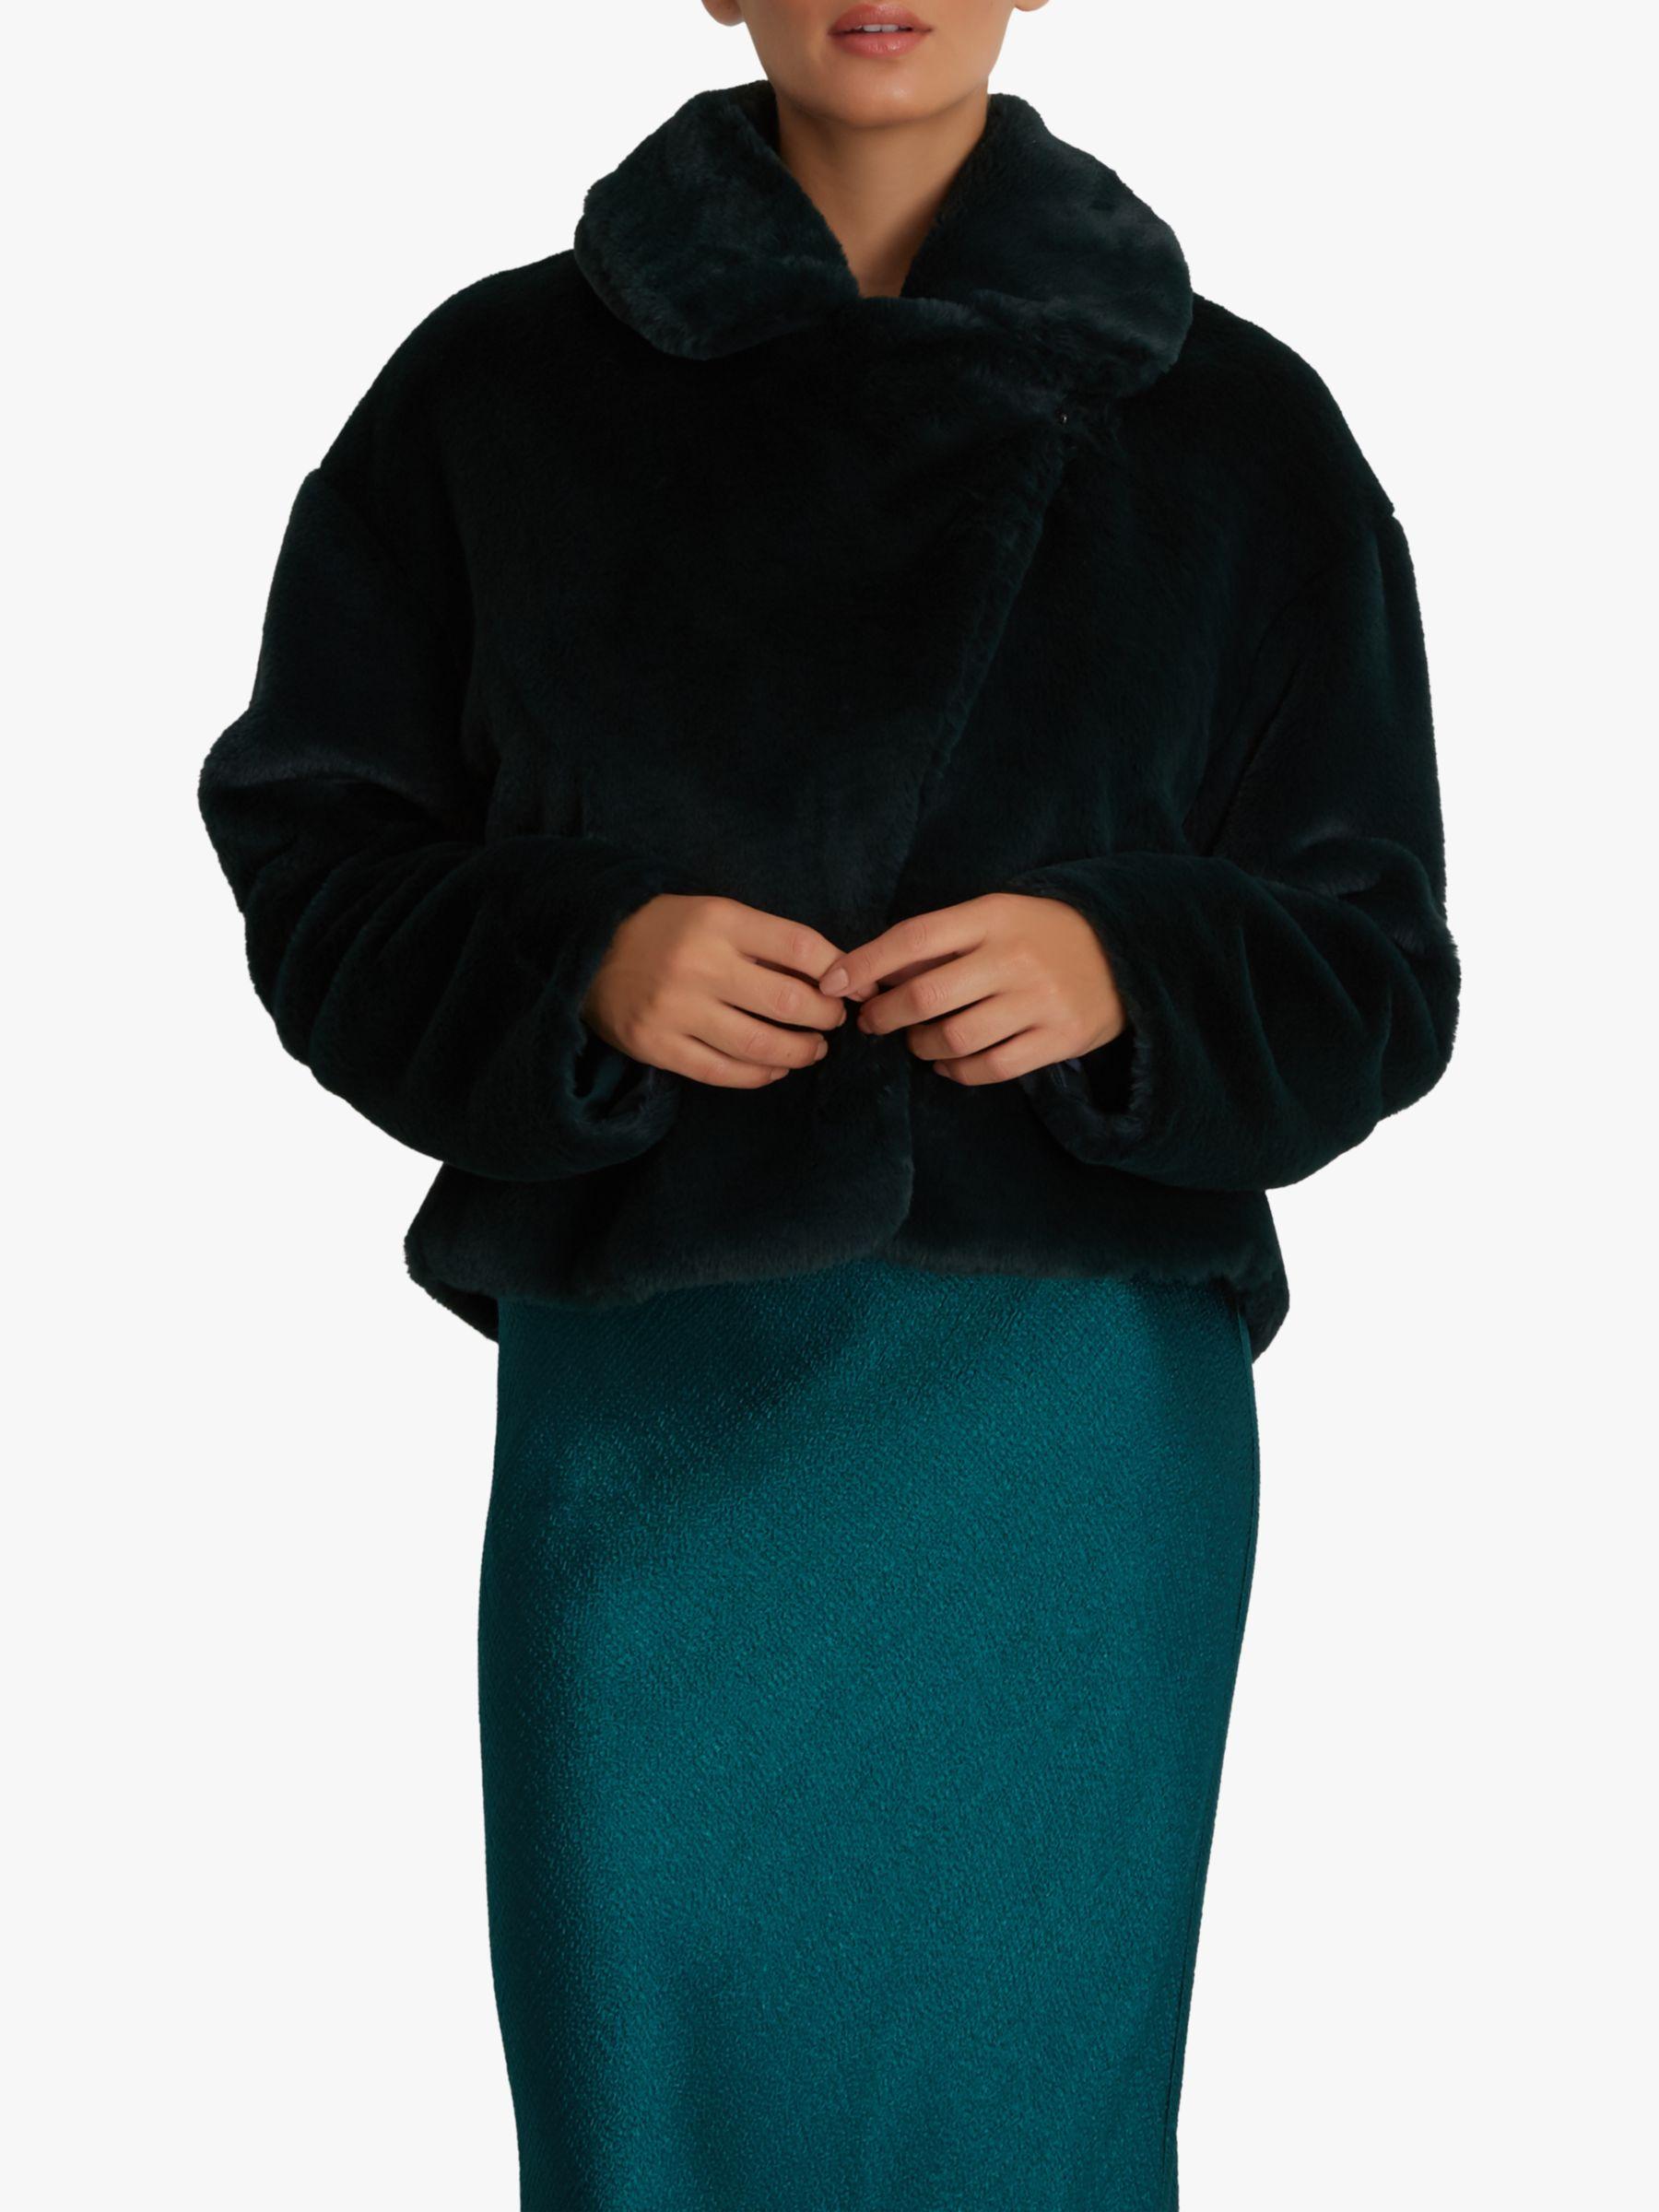 Fenn Wright Manson Fenn Wright Manson Amanda Holden Collection Judy Faux Fur Jacket, Green